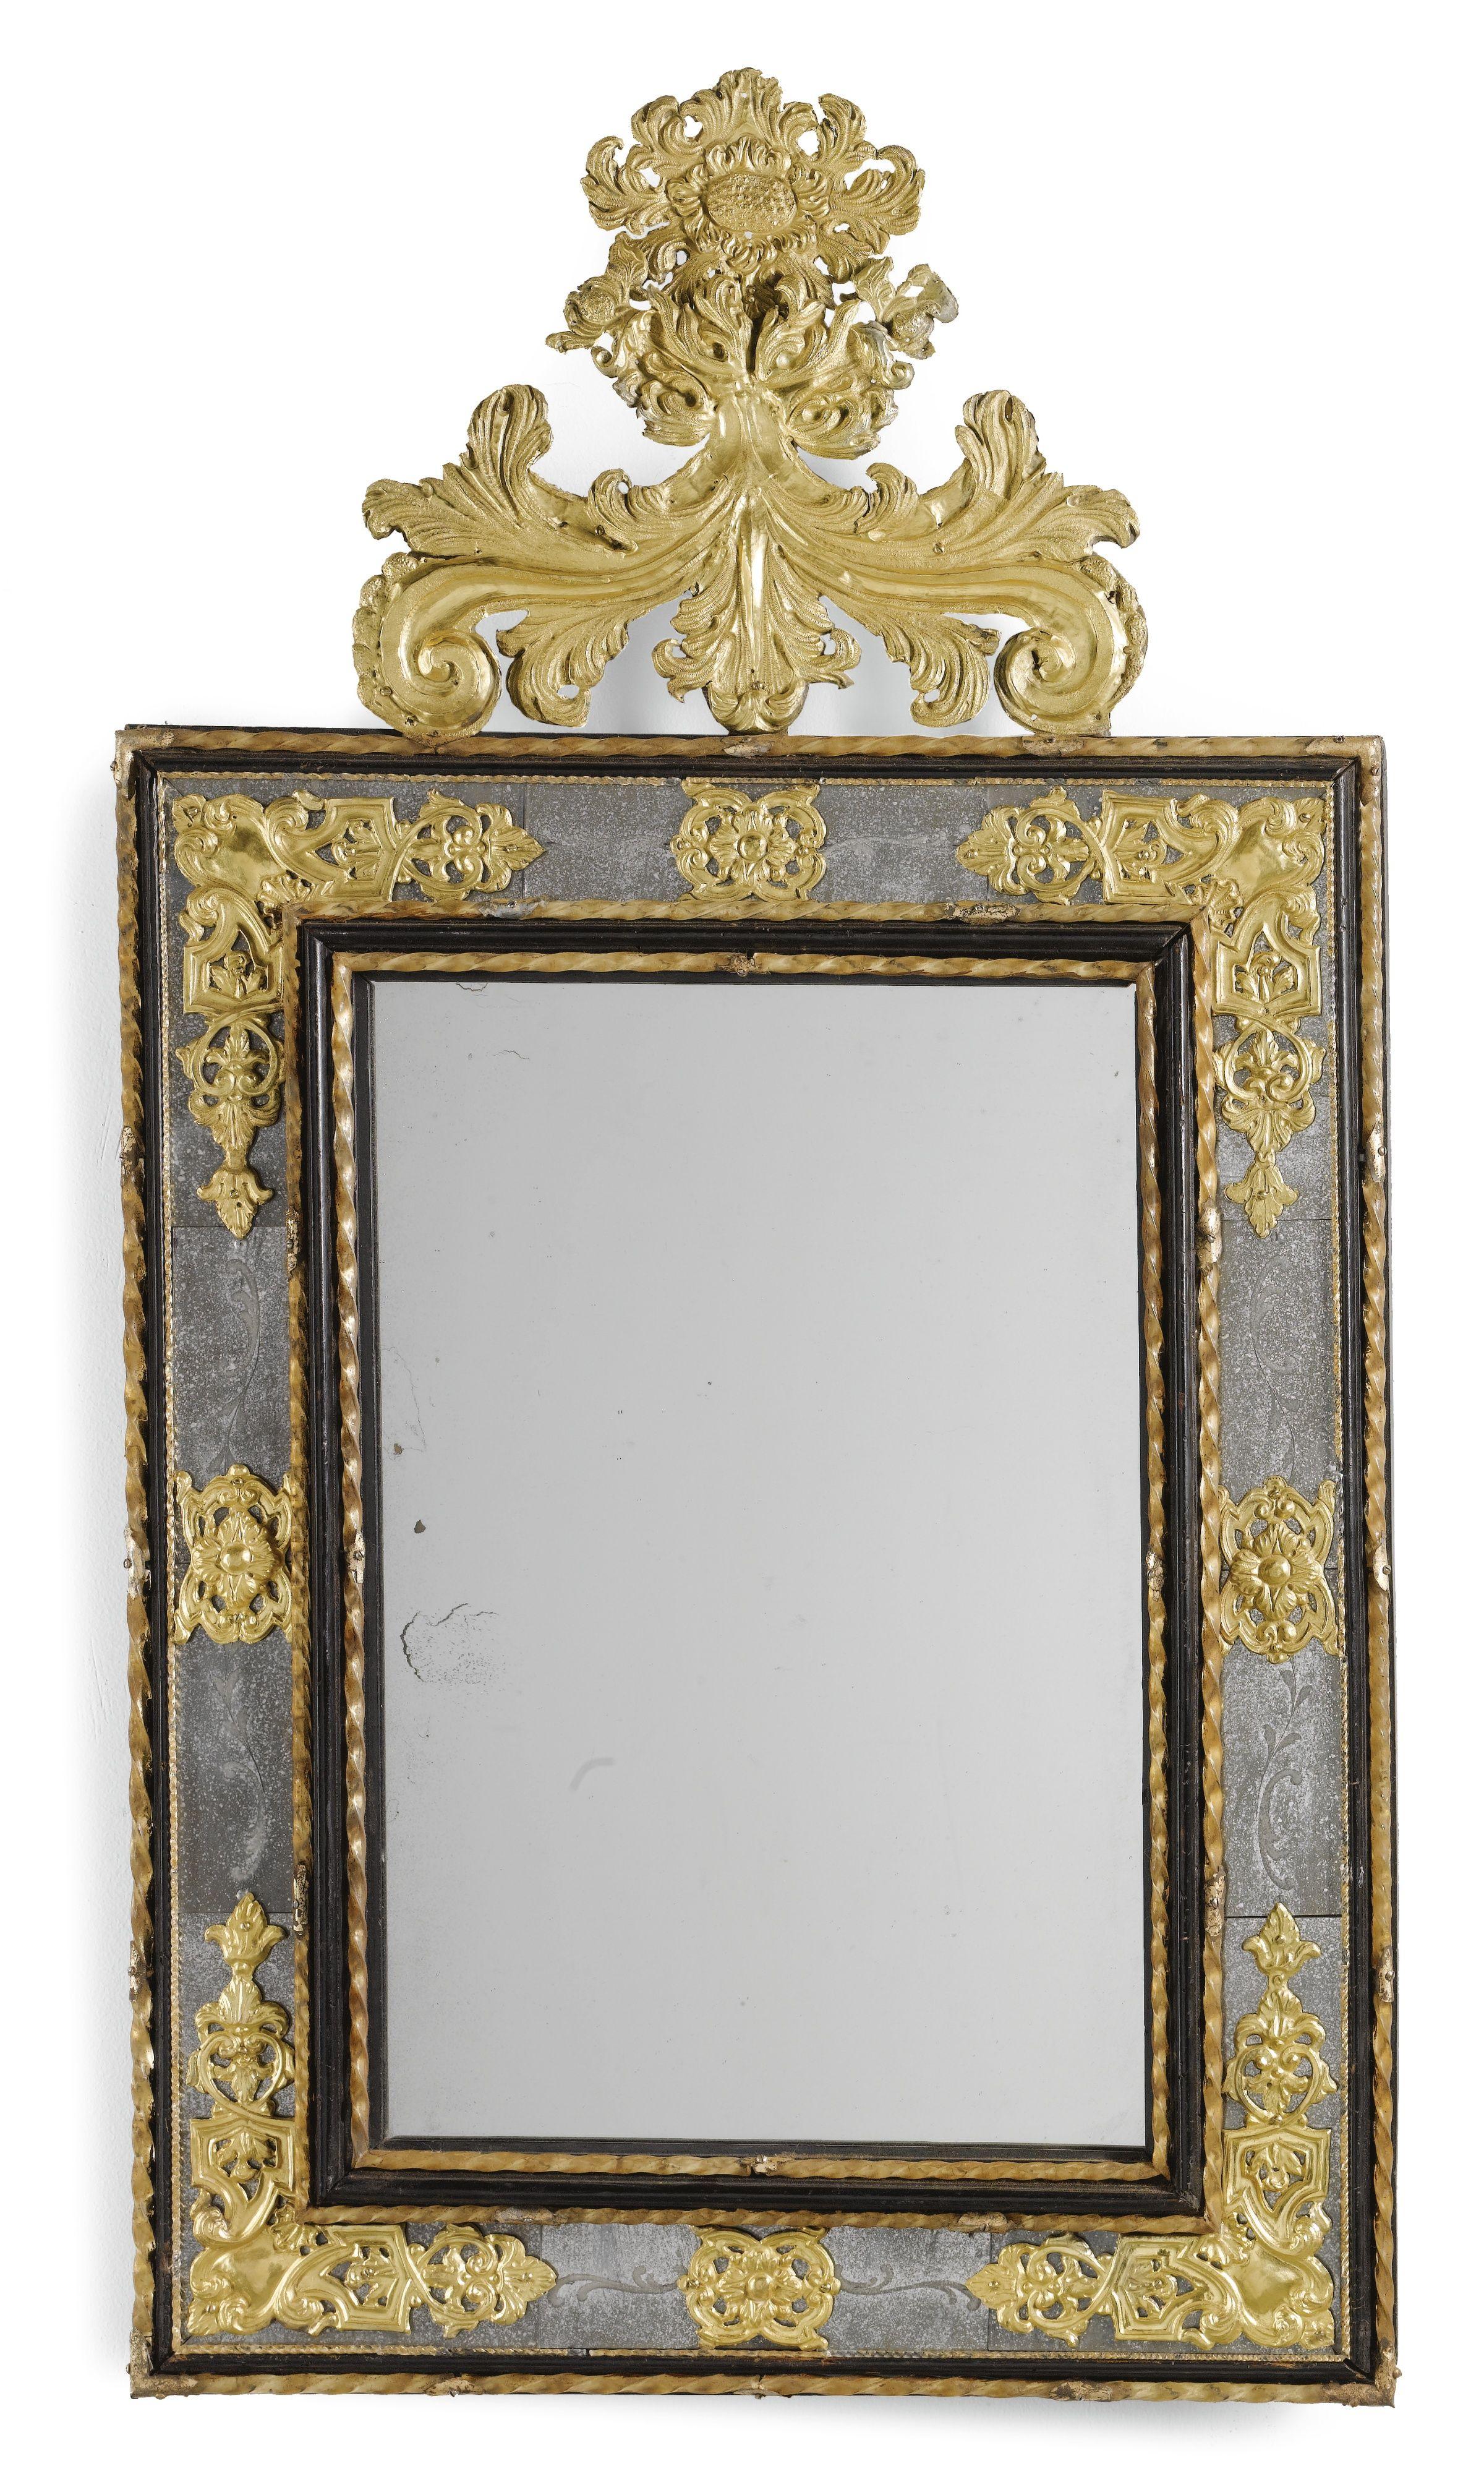 Espejo italiano barroco dorado de metal y cristal montado ebanizado ...